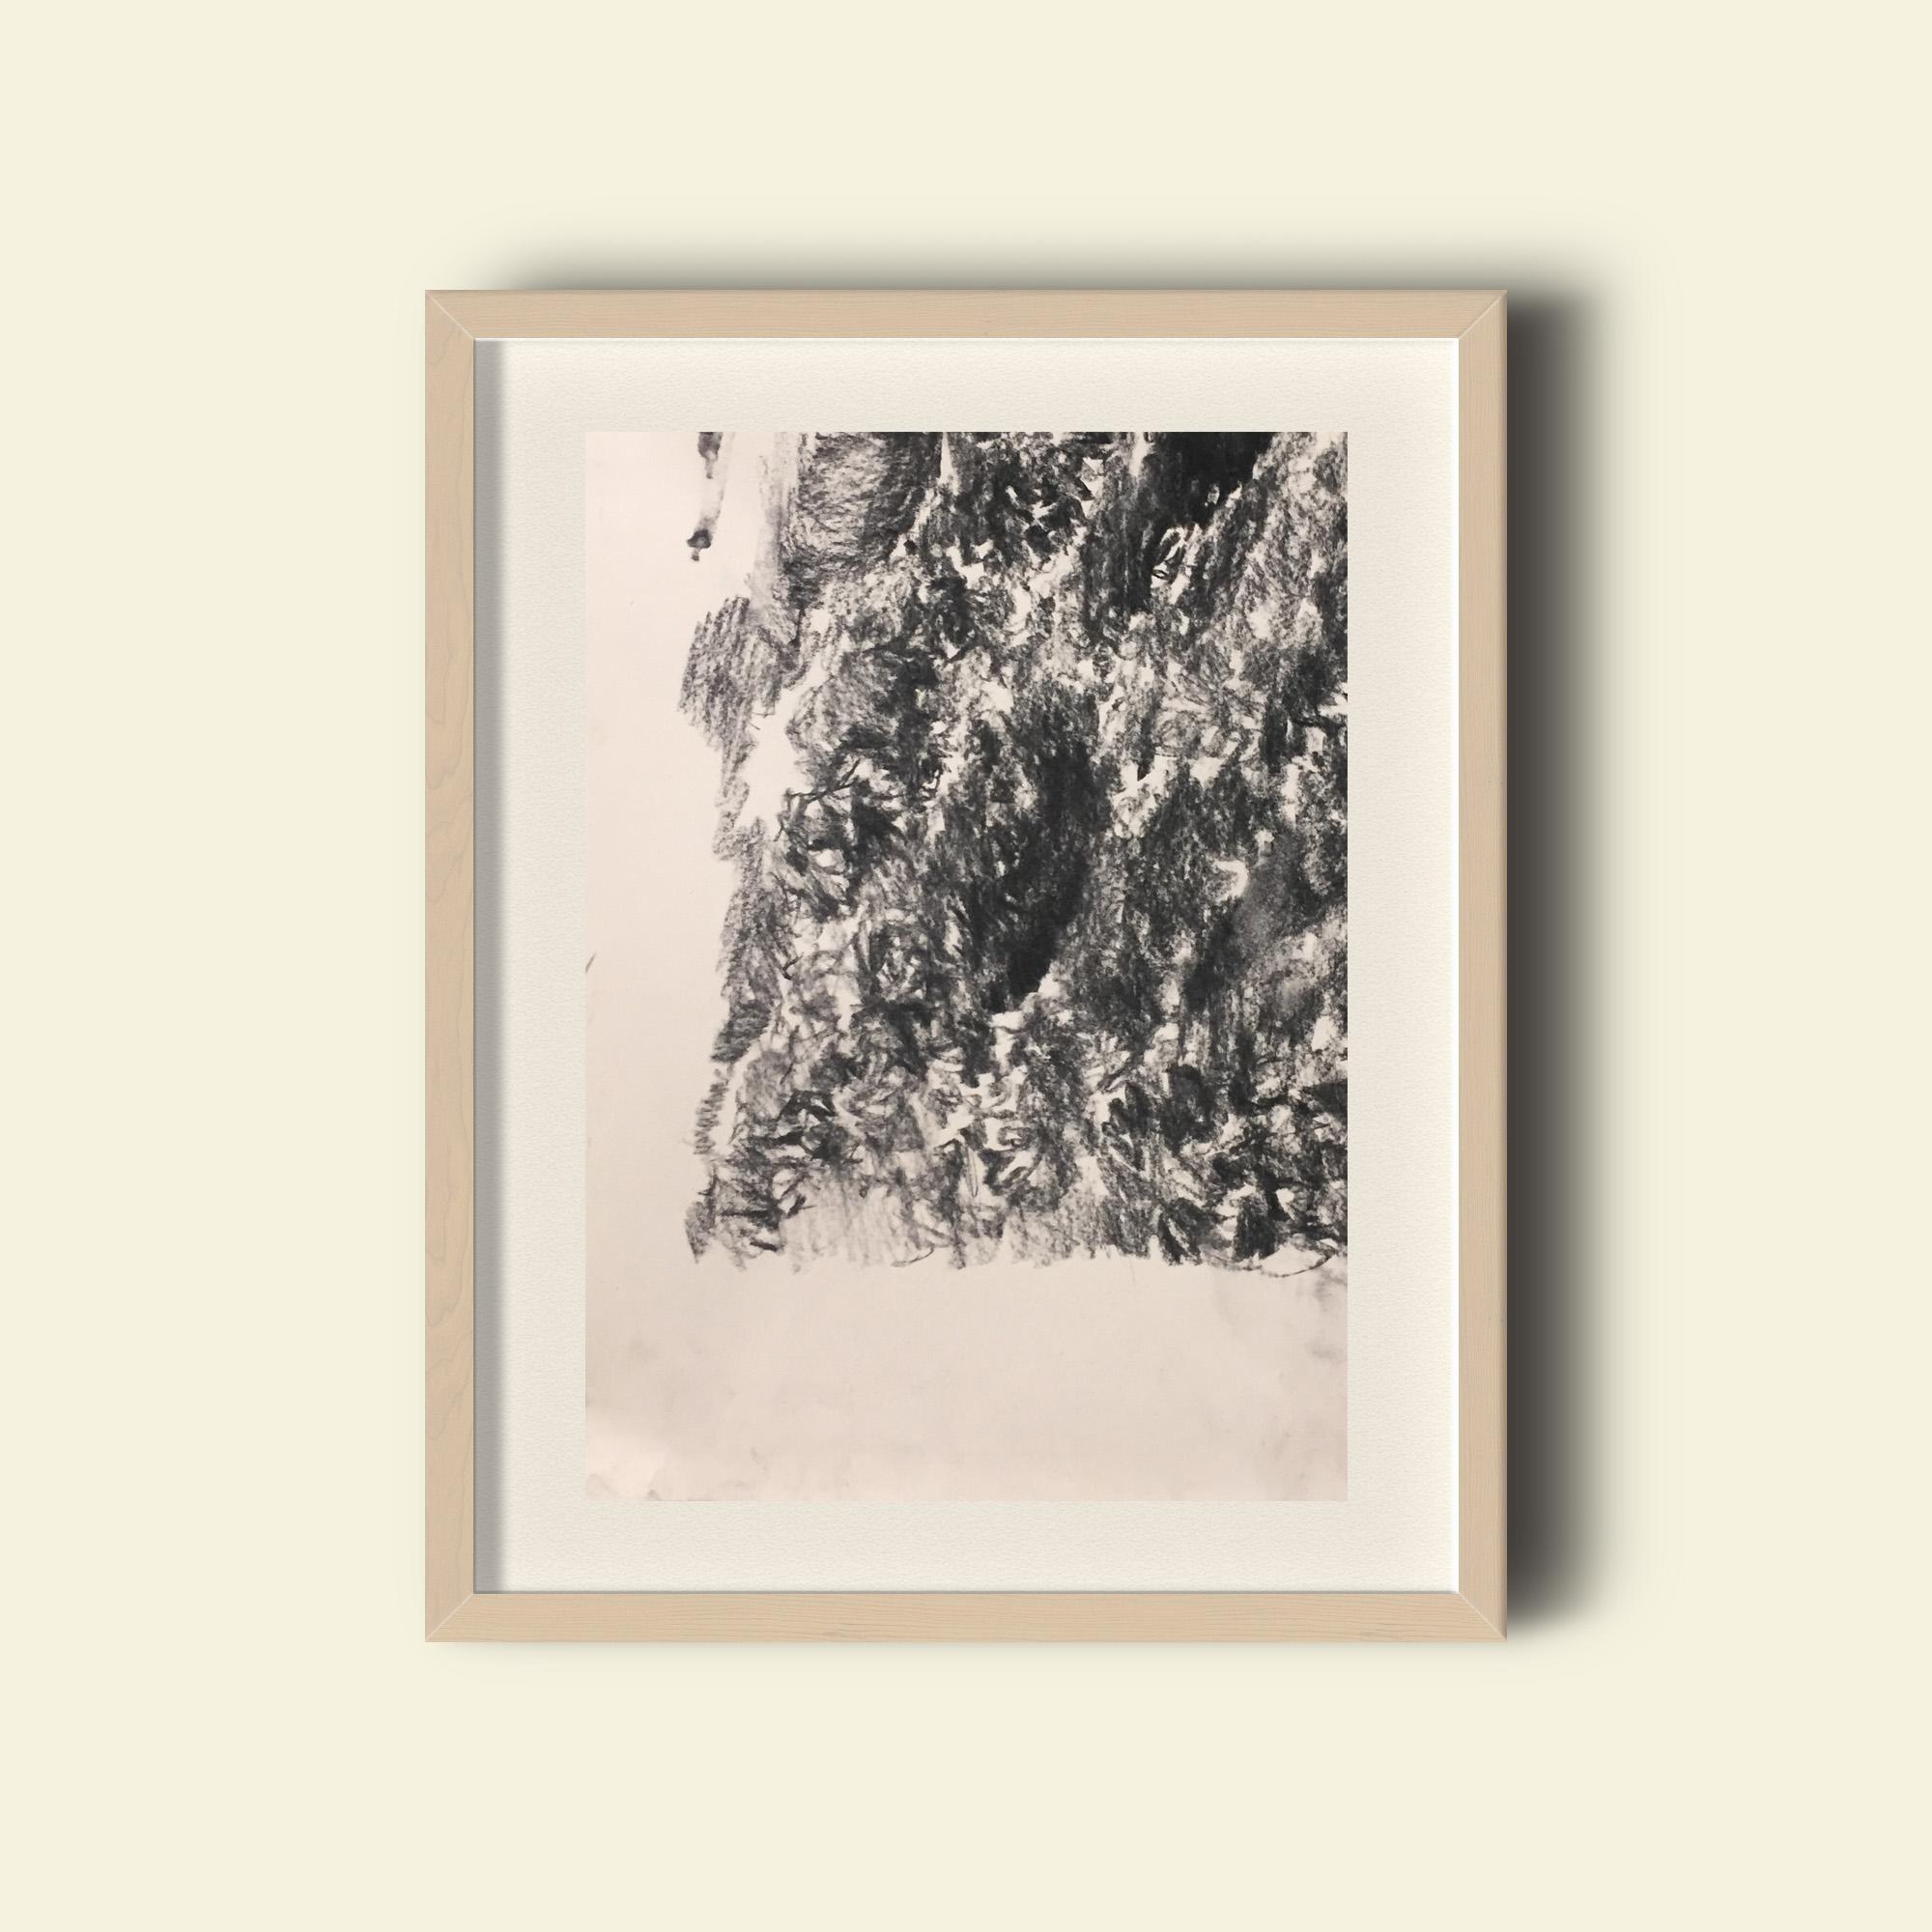 frames09892.jpg